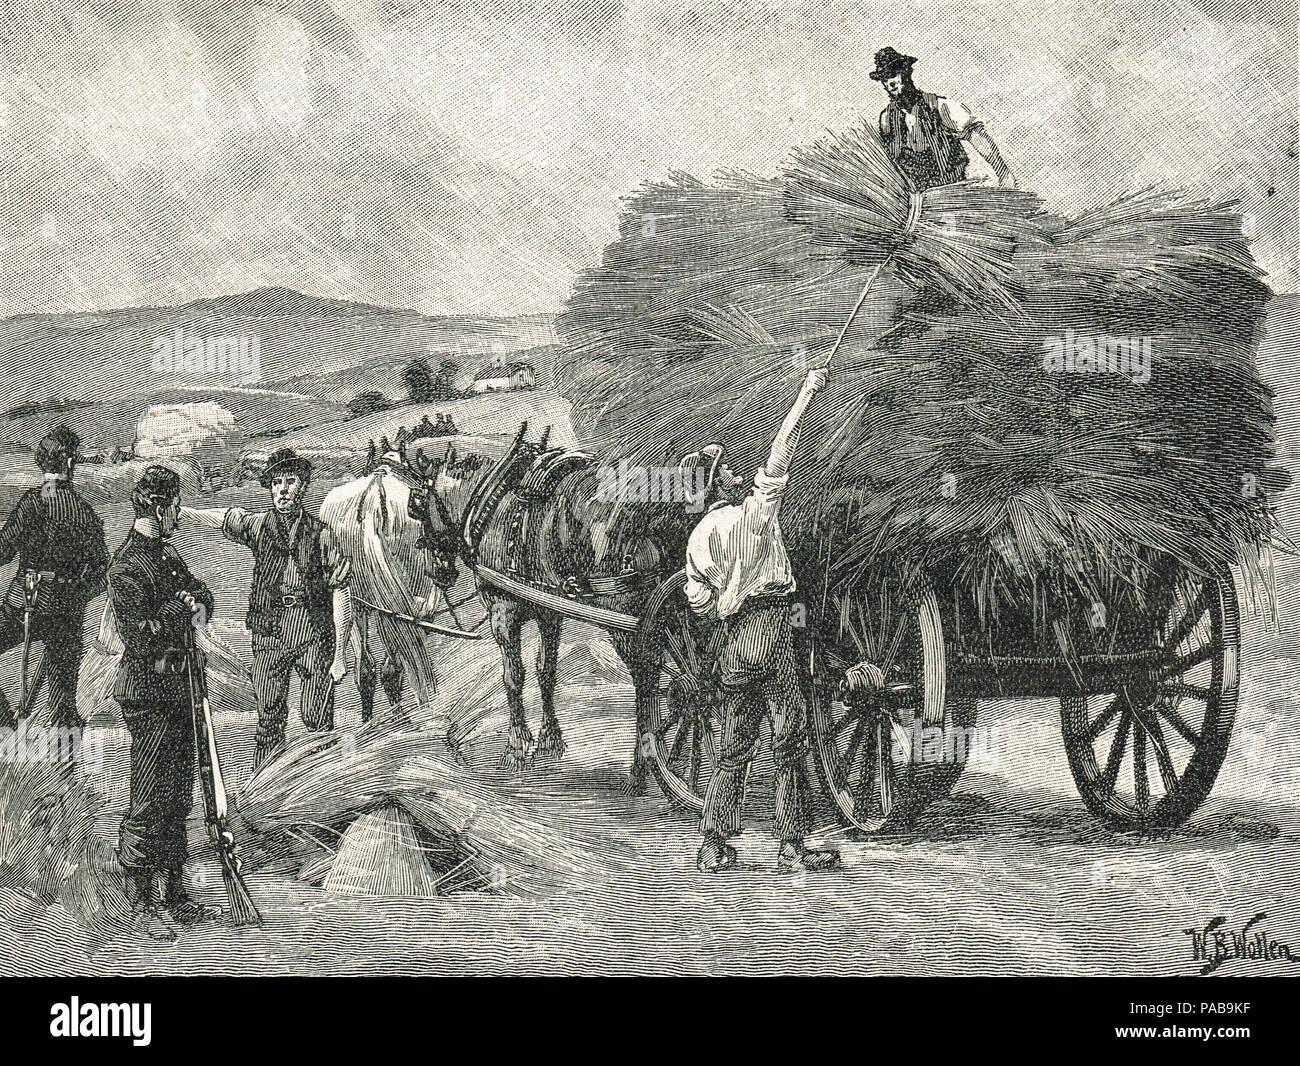 Il salvataggio del Capitano del boicottaggio colture, 1880. Orangemen dalla contea di Cavan e contea di Monaghan la raccolta delle colture, protetto dal xix Royal ussari, e il Royal Irish Constabulary durante la campagna di isolamento dalla Irish National Land League Immagini Stock